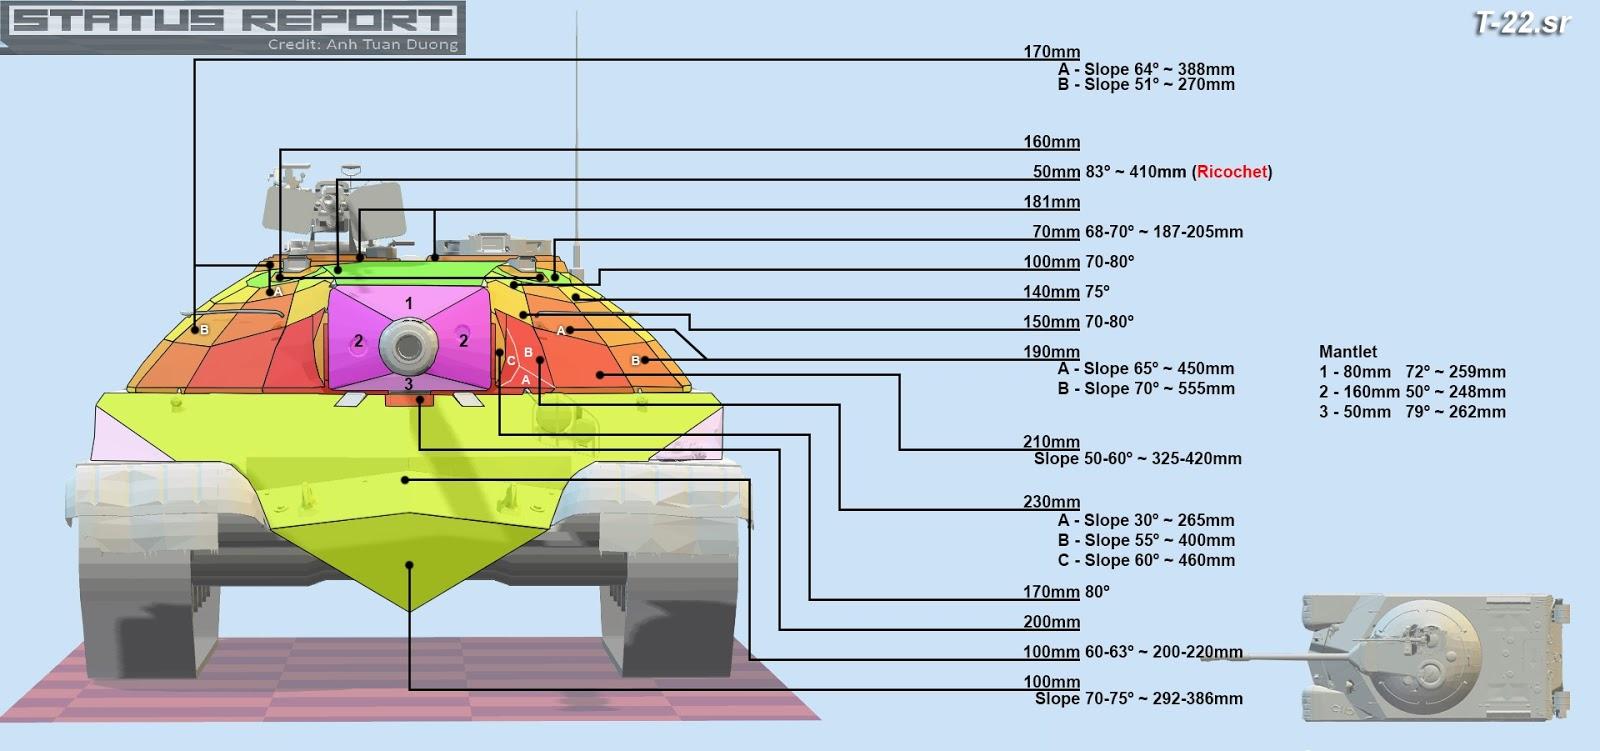 схема бронирования танков 3d